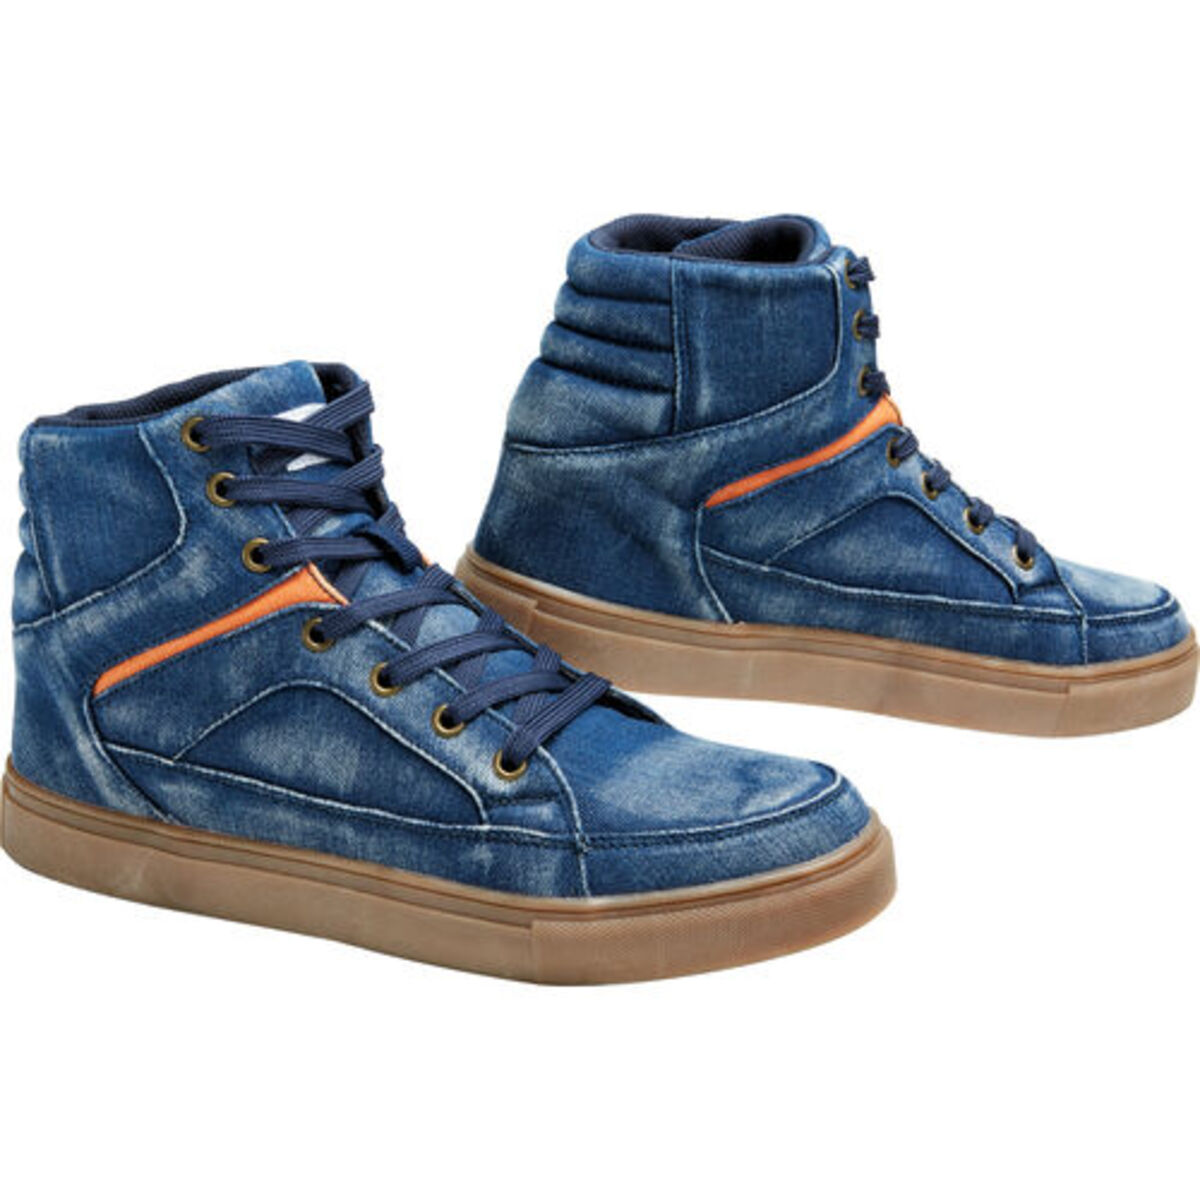 Bild 4 von FLM            Canvas Sneaker blau